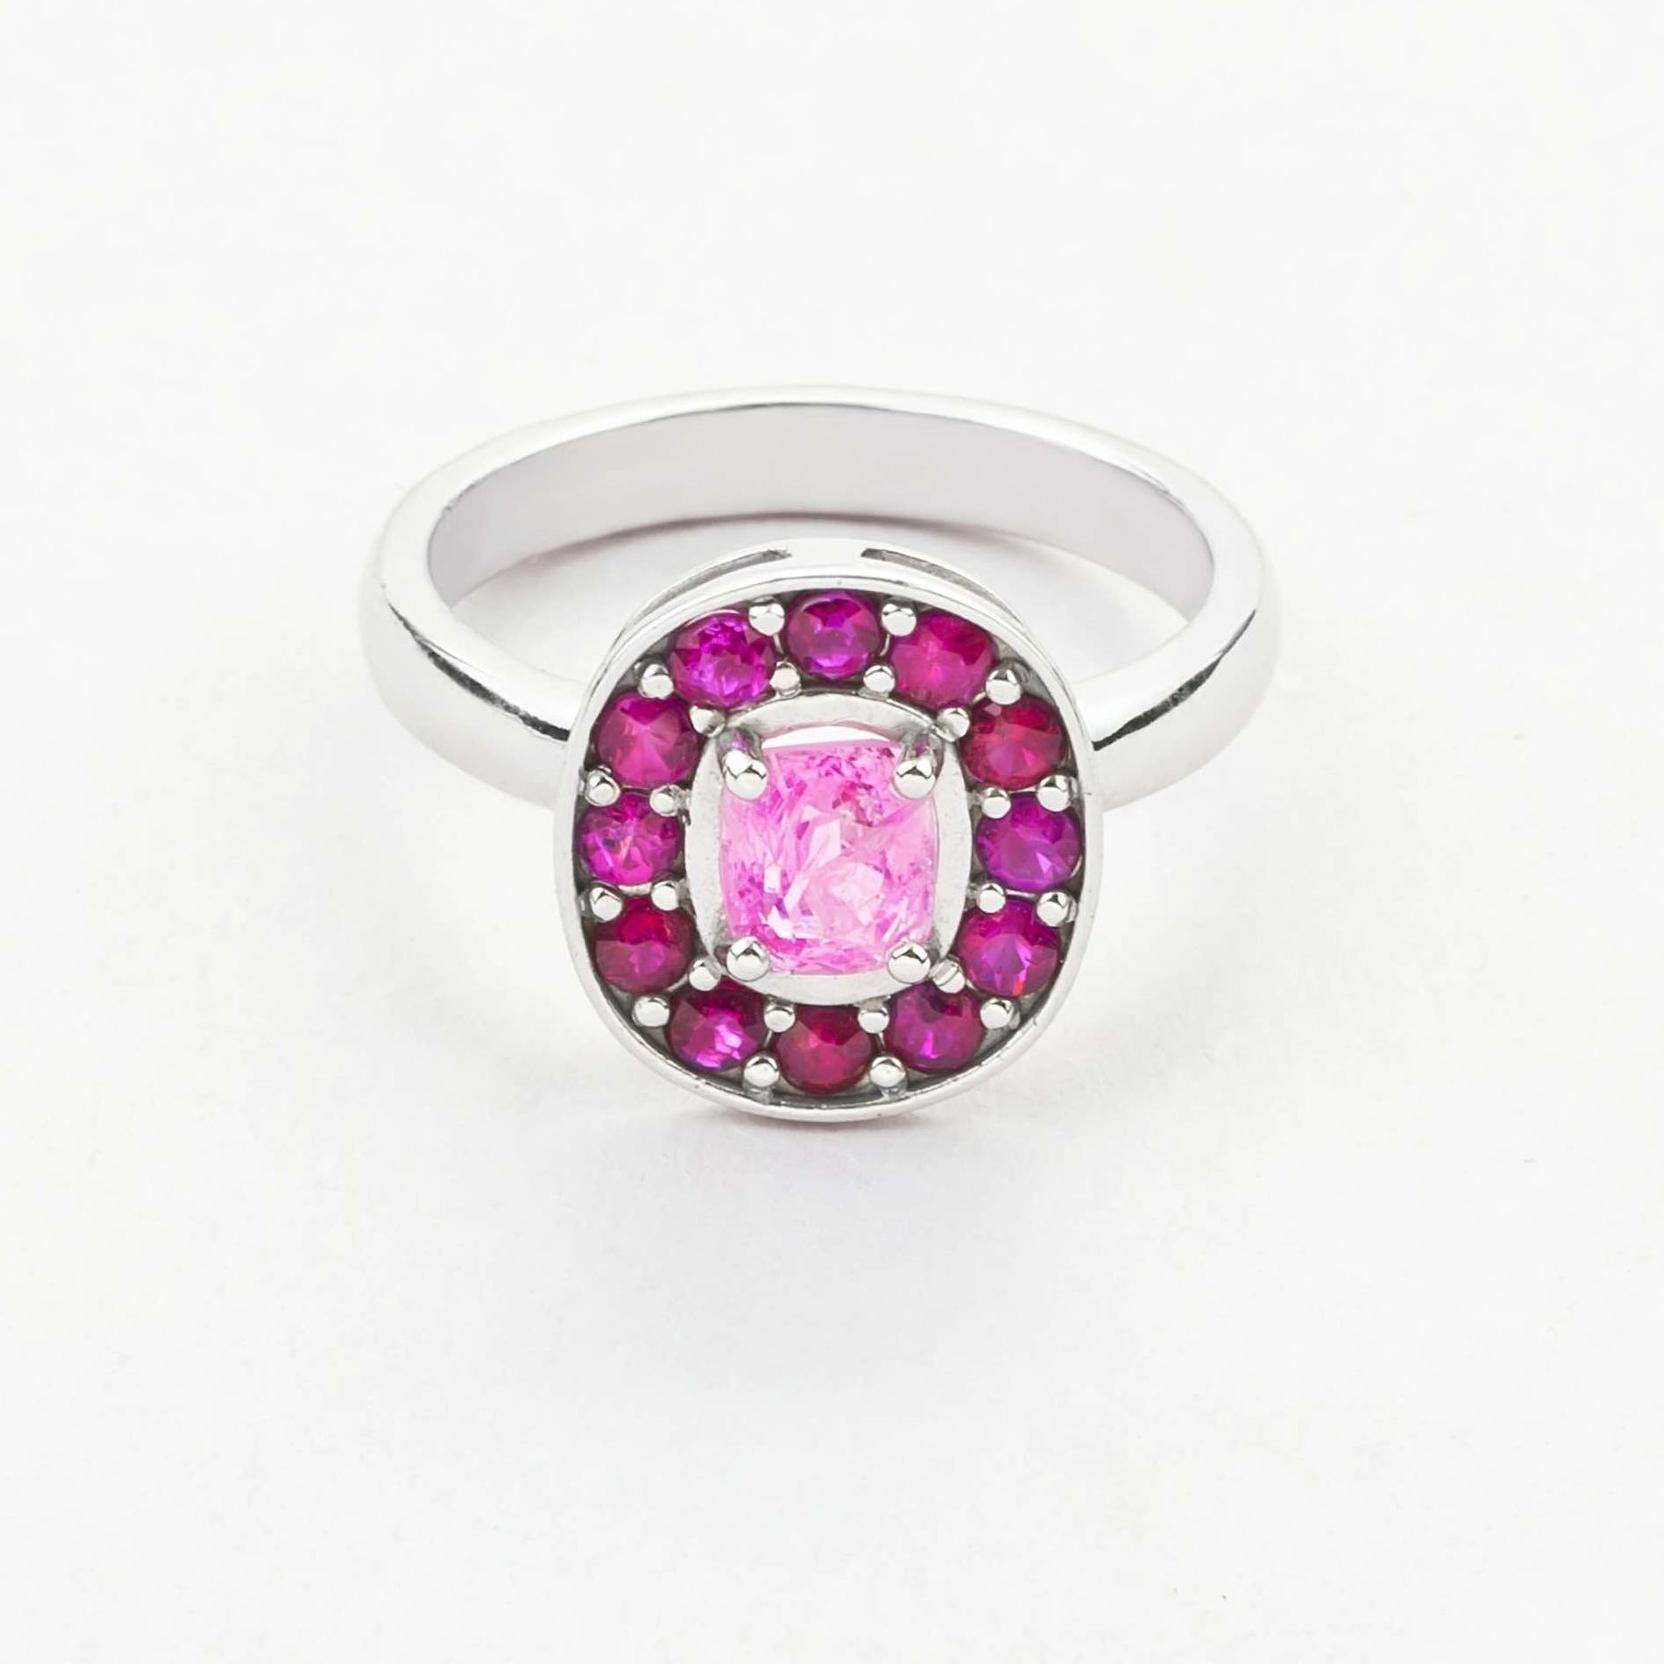 Mia Ruby Rockstar rings